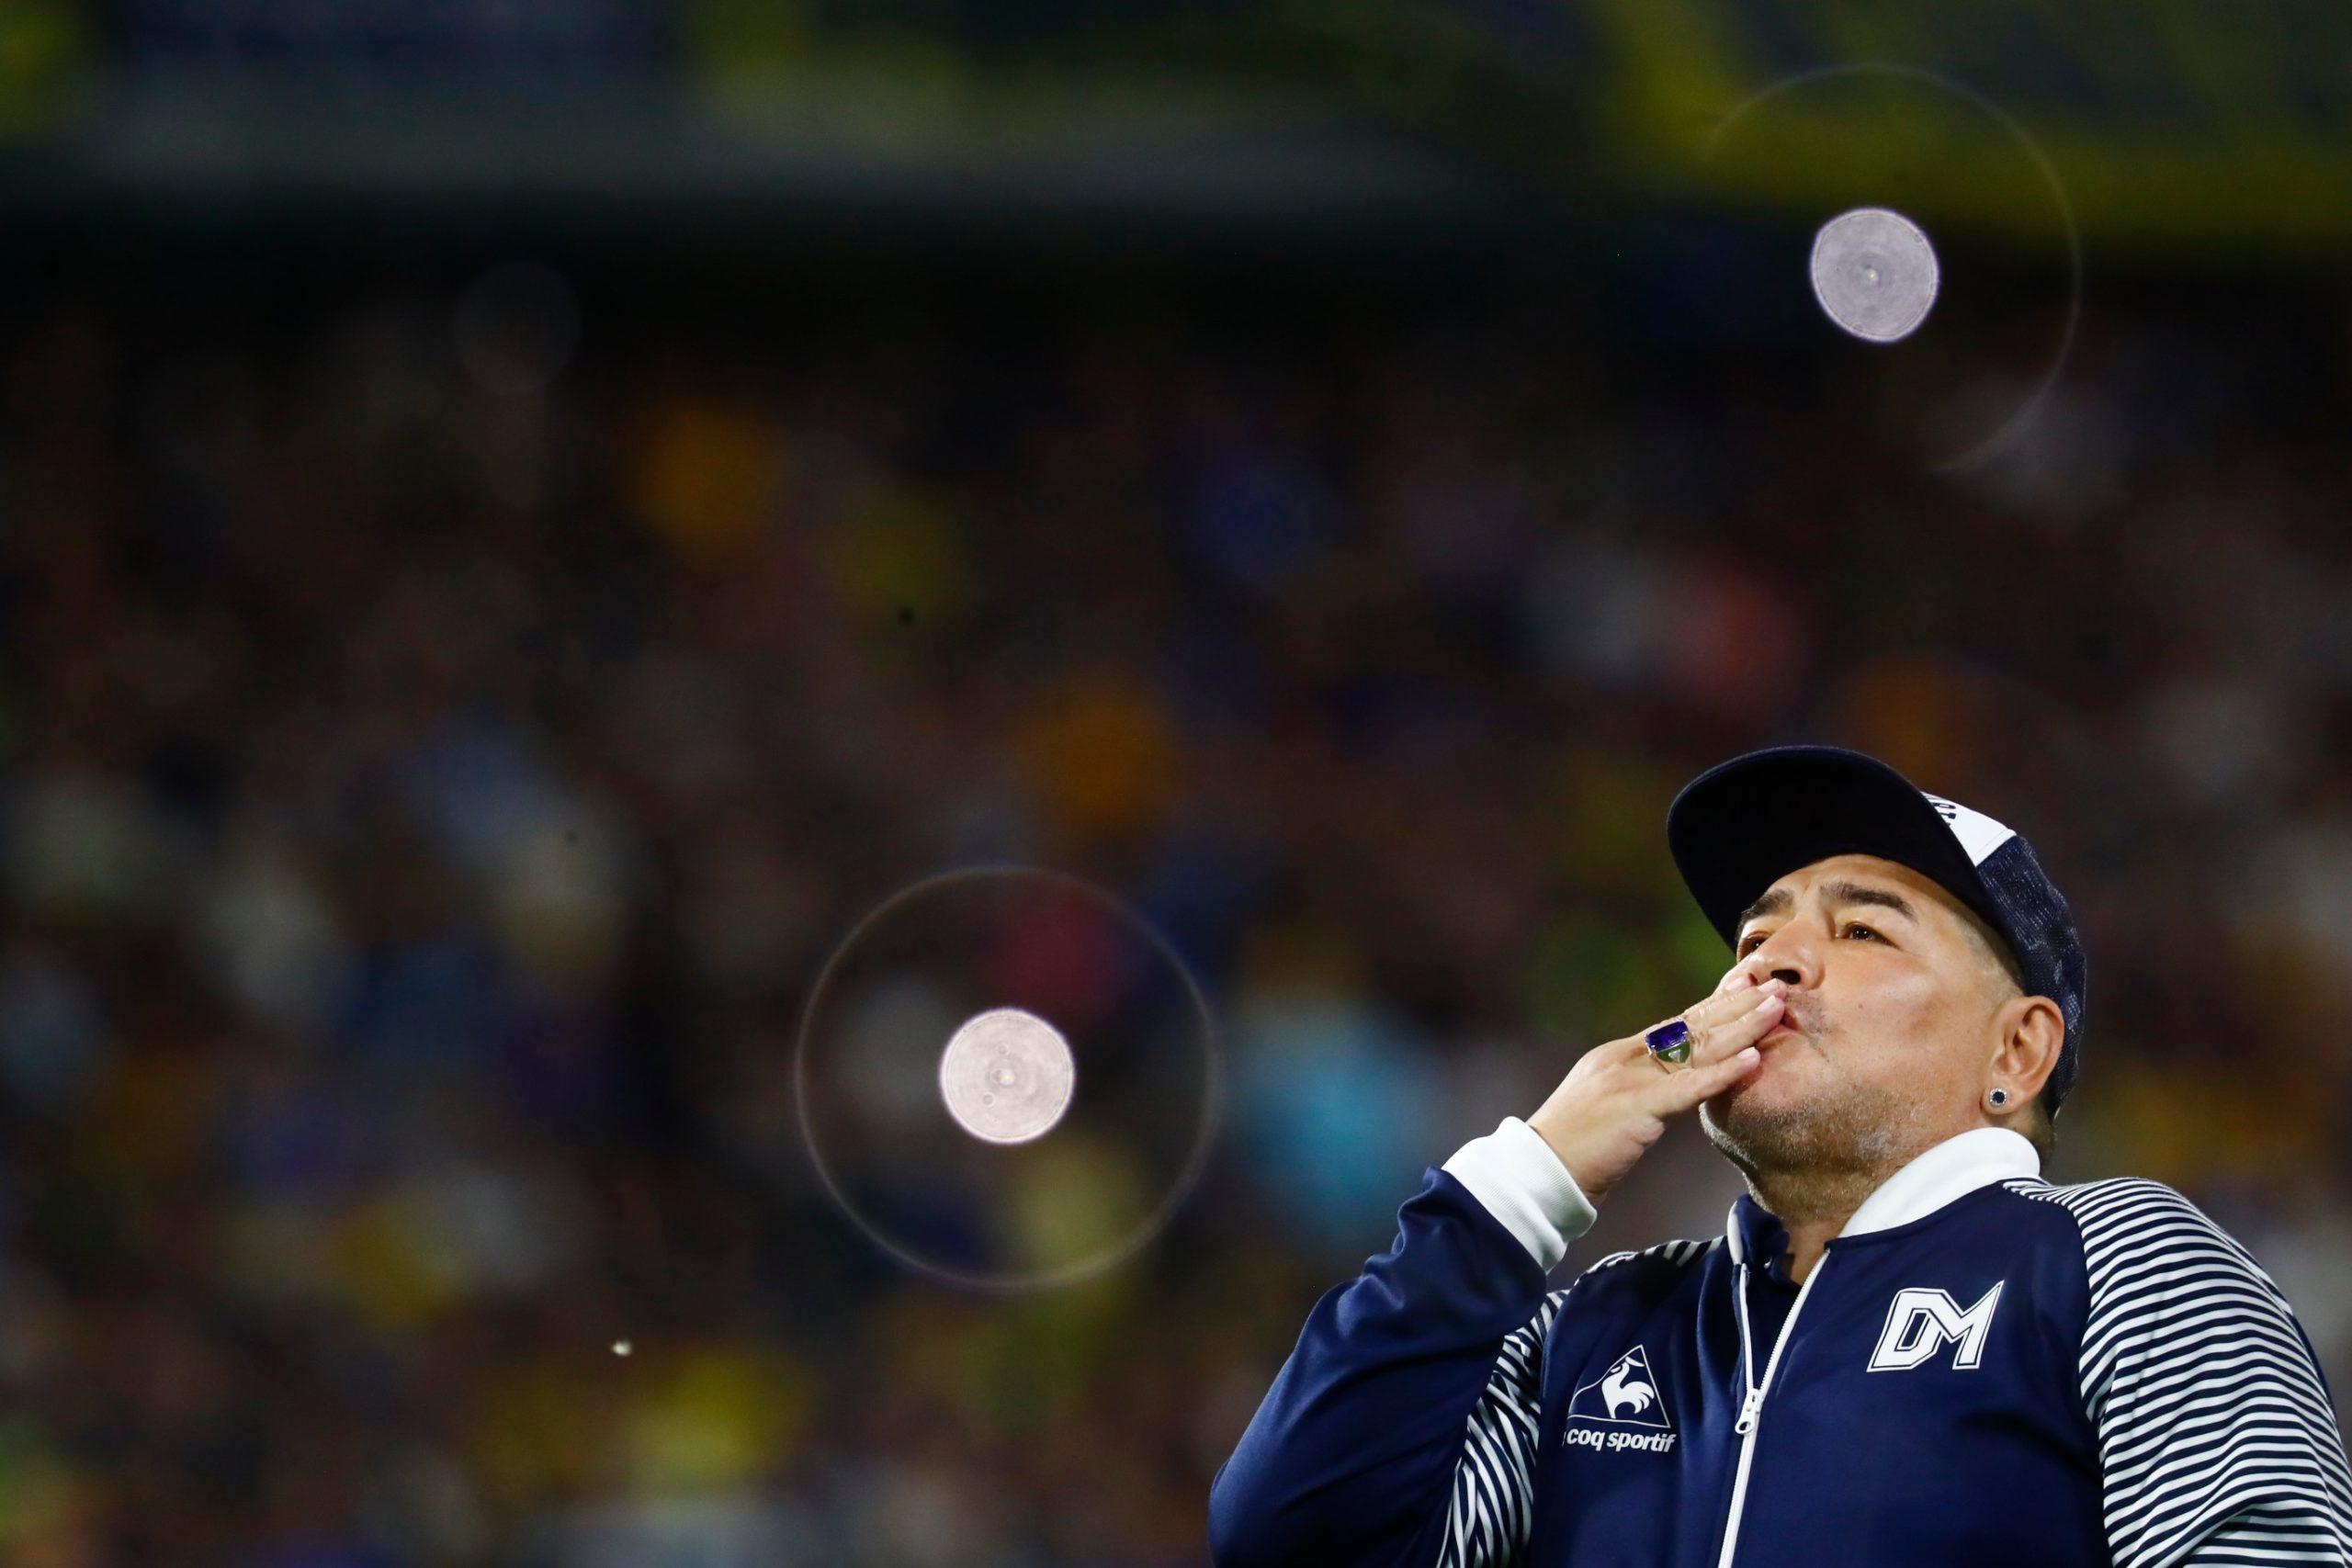 La comunidad del futbol da el último adiós a Maradona, un genio eterno